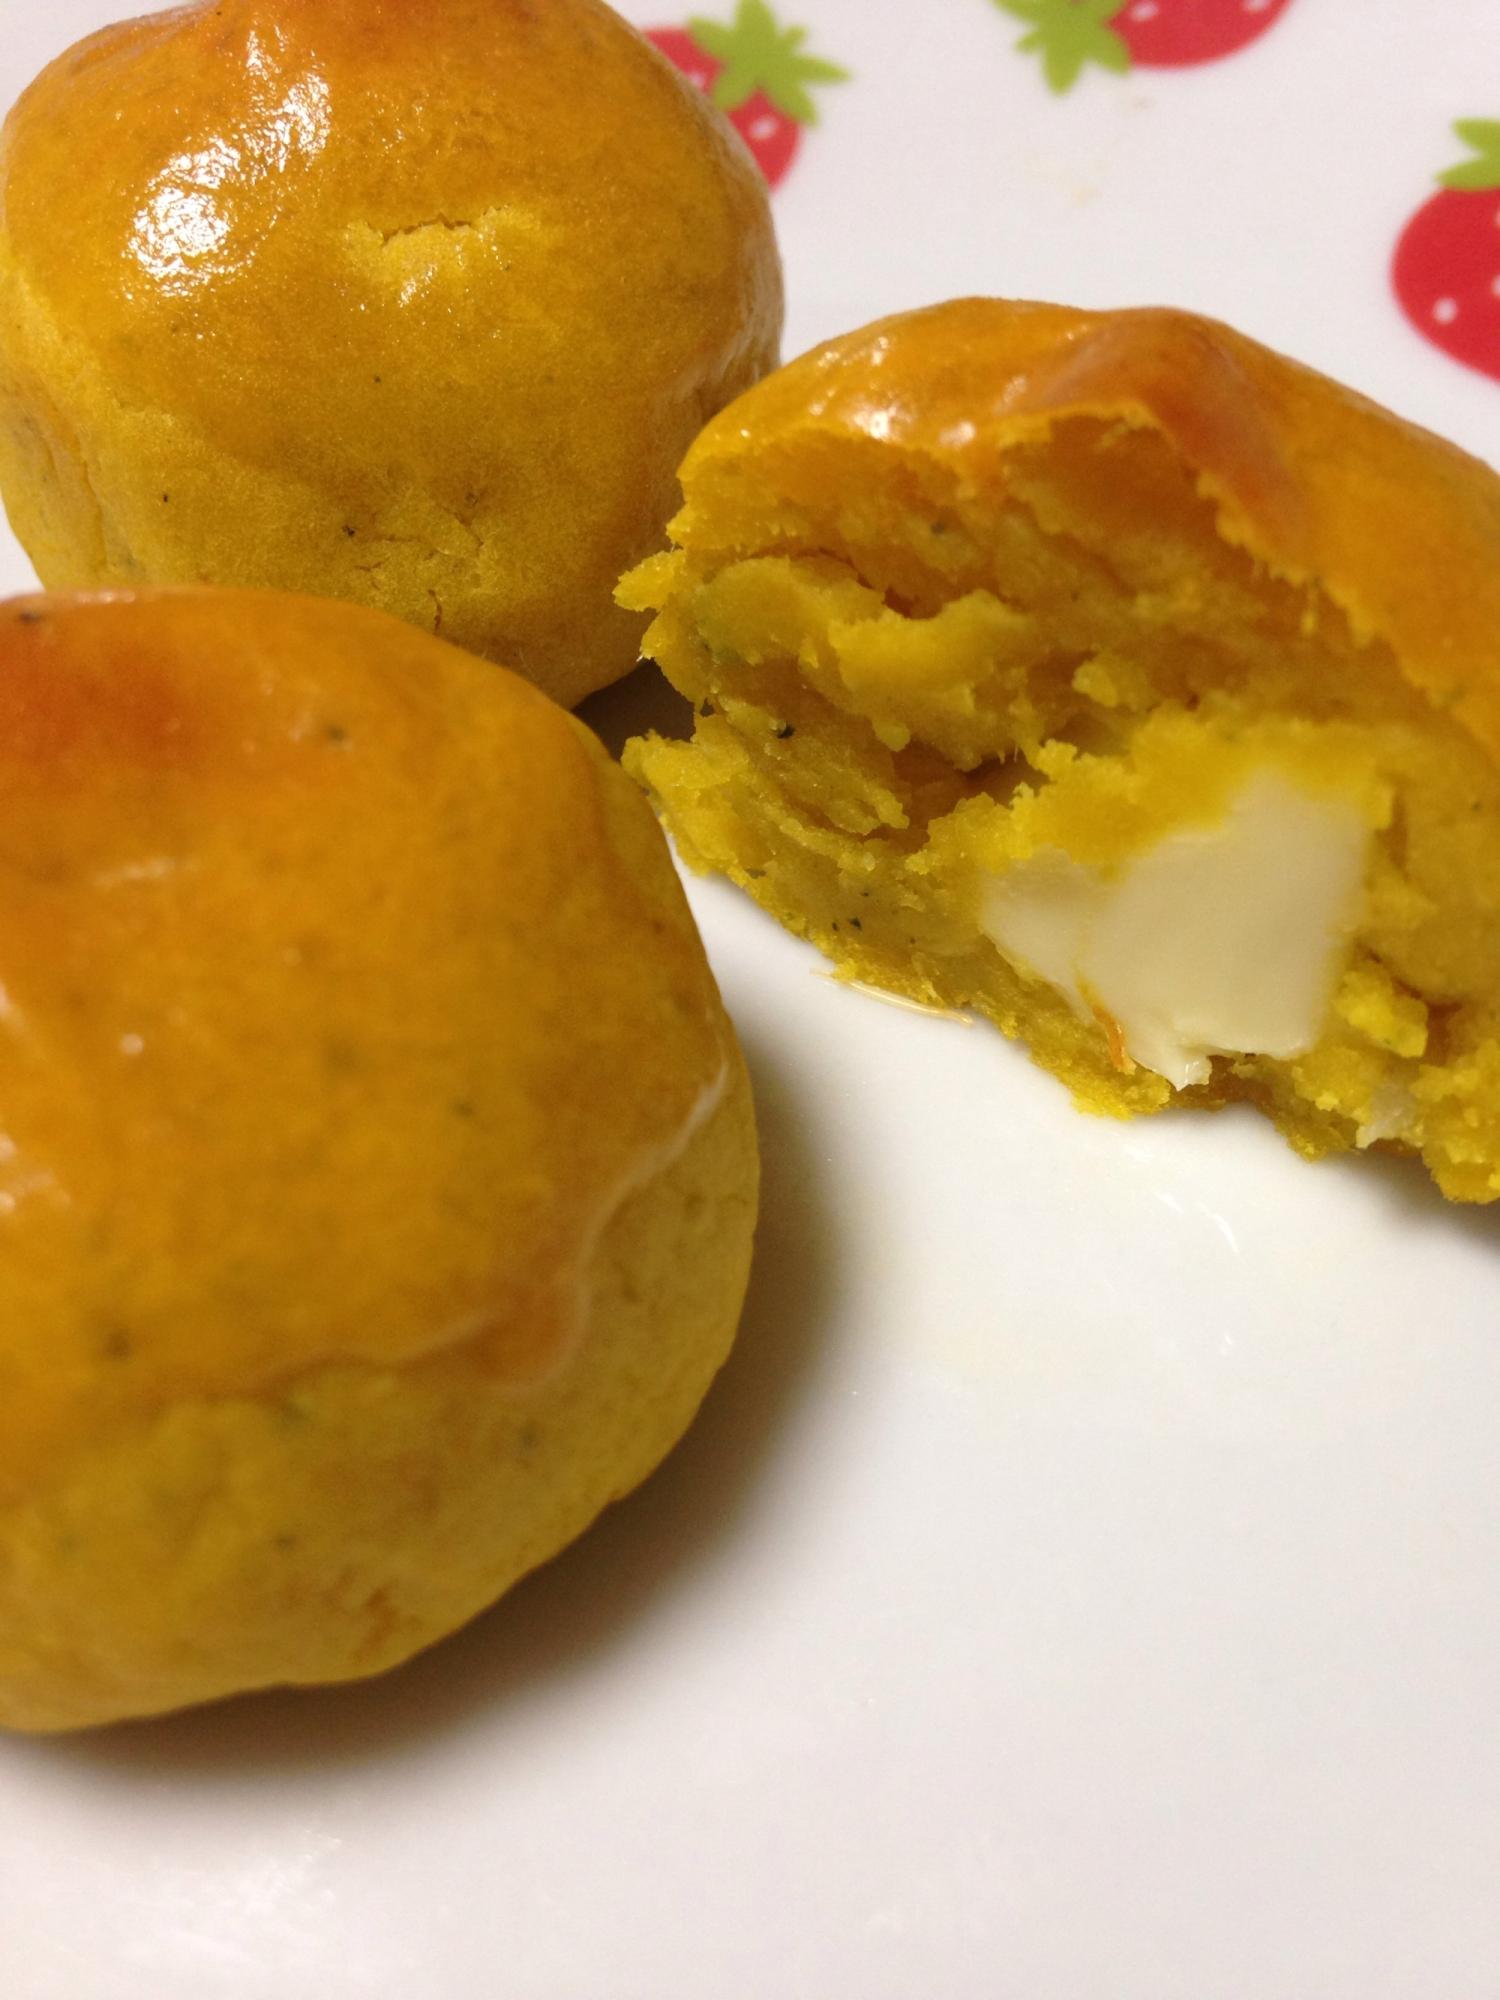 ヘルシー!さつまいもとかぼちゃのチーズ饅頭 レシピ・作り方 by ゆずっこぷーりん|楽天レシピ